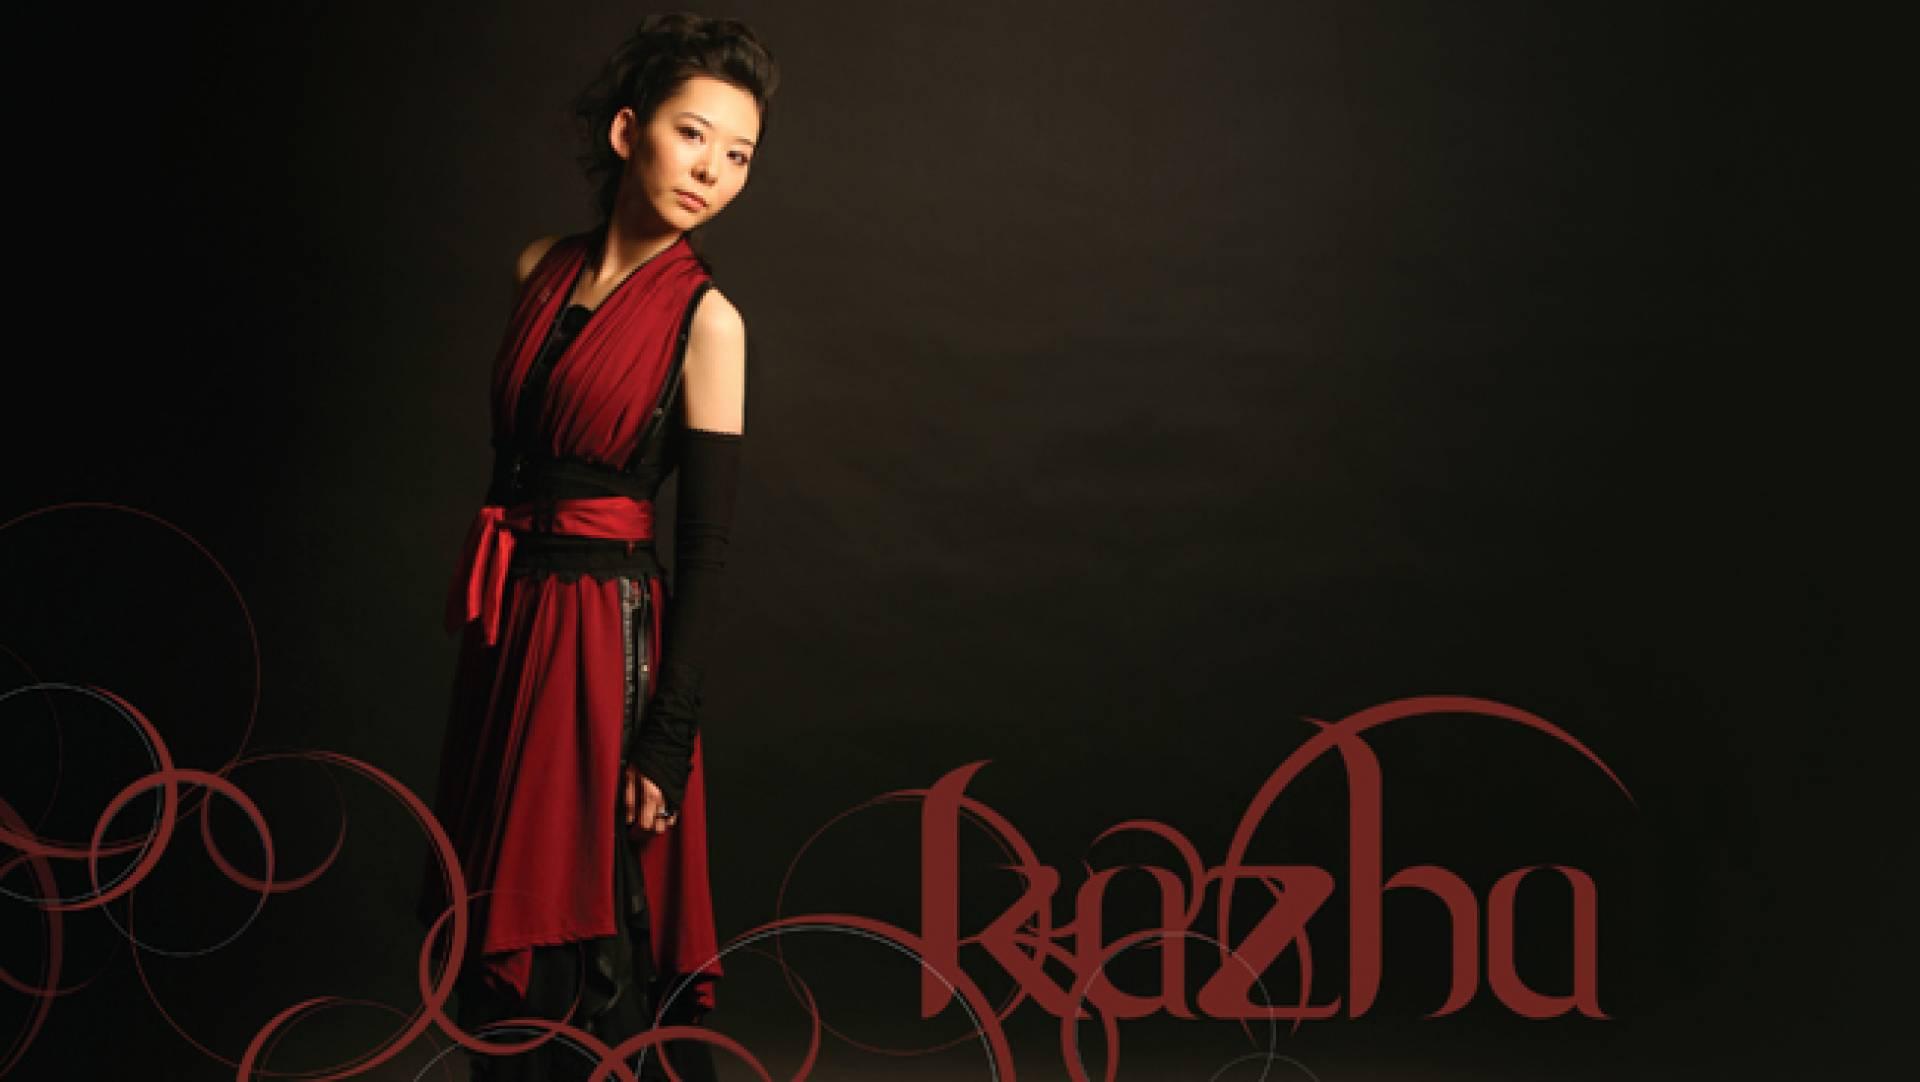 Kazha